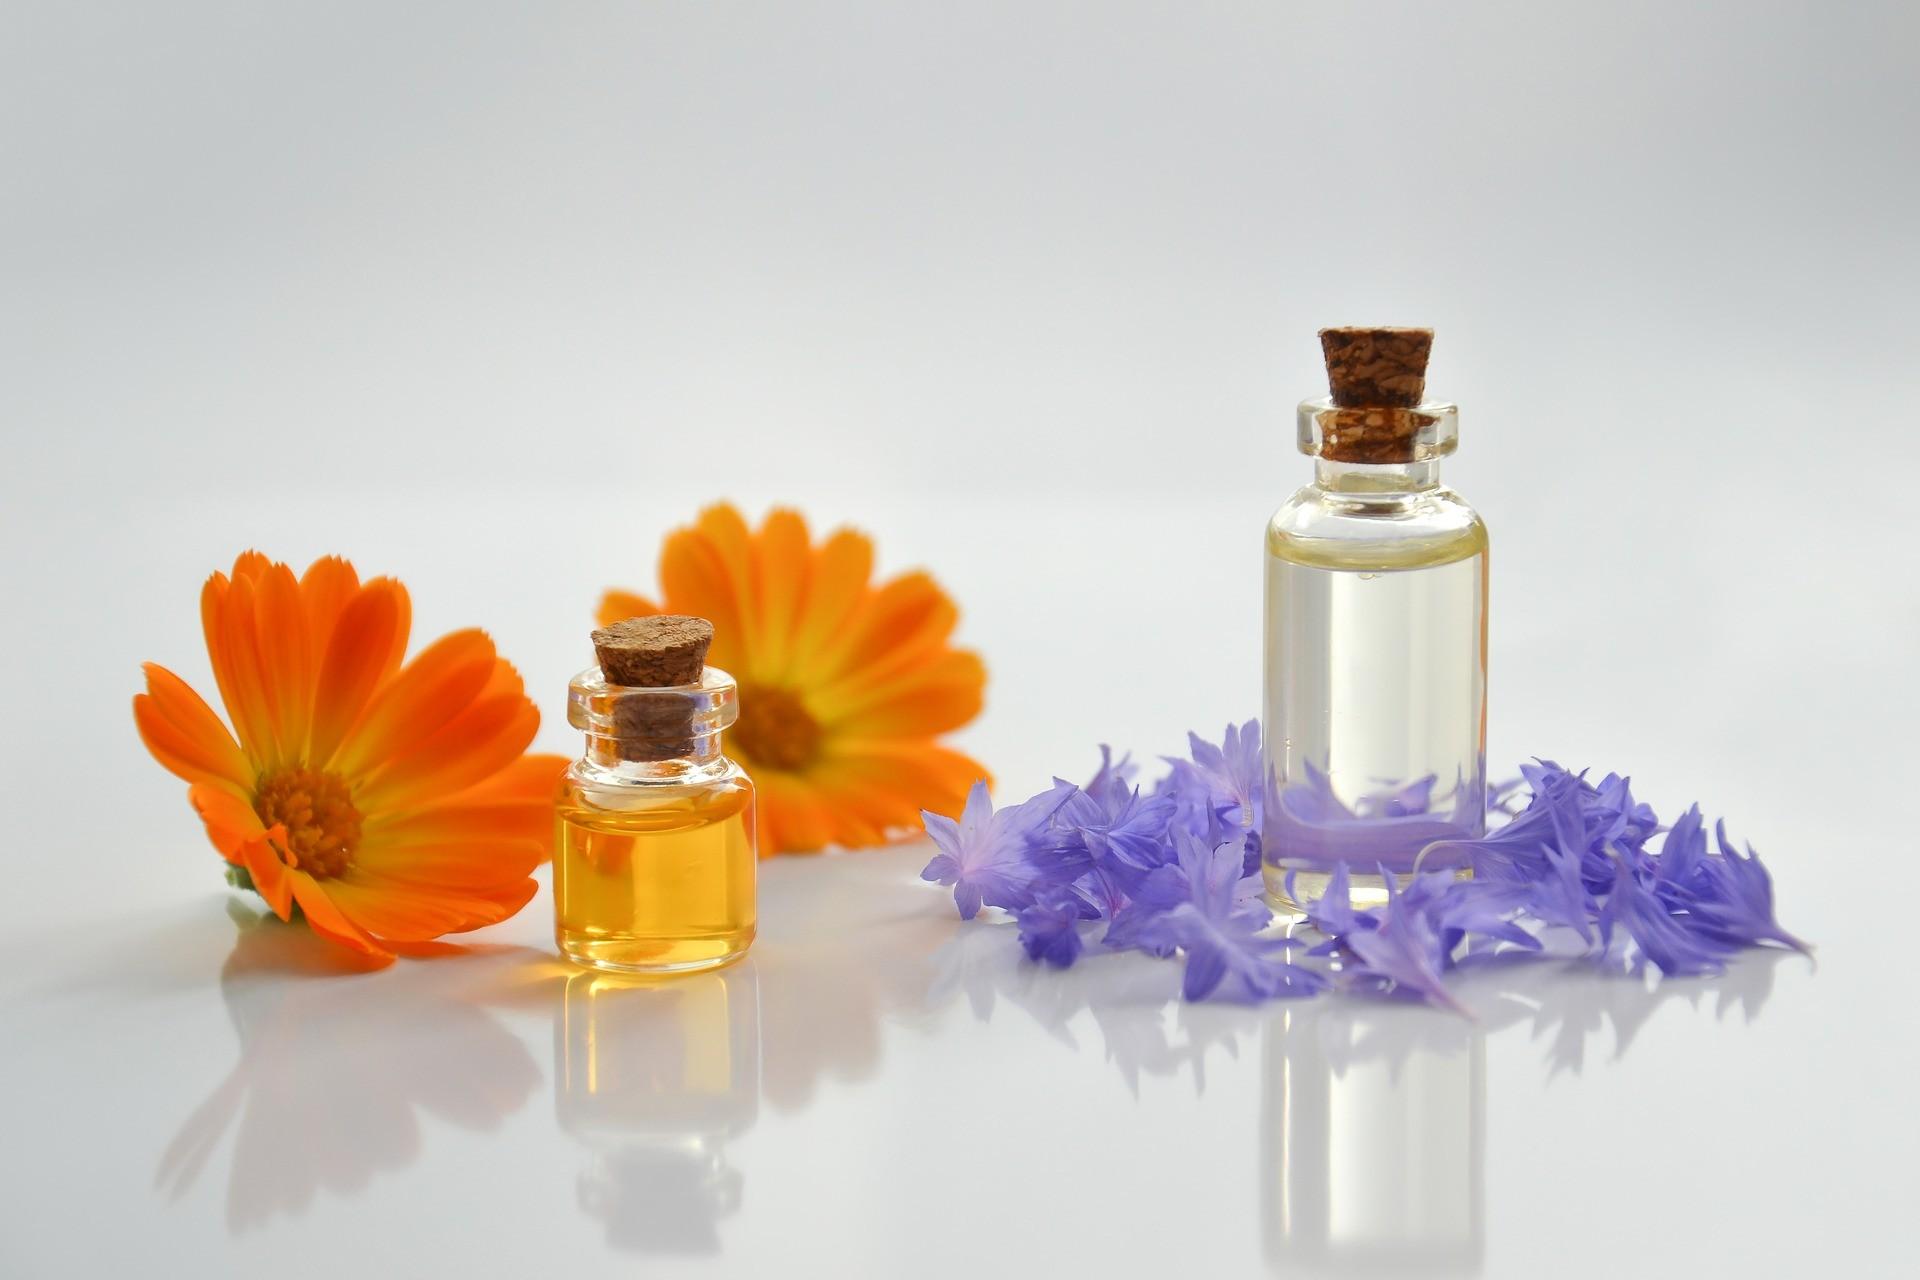 O tych zastosowaniach olejków nie wiedziałeś. Mają piękny zapach, ale potrafią o wiele więcej